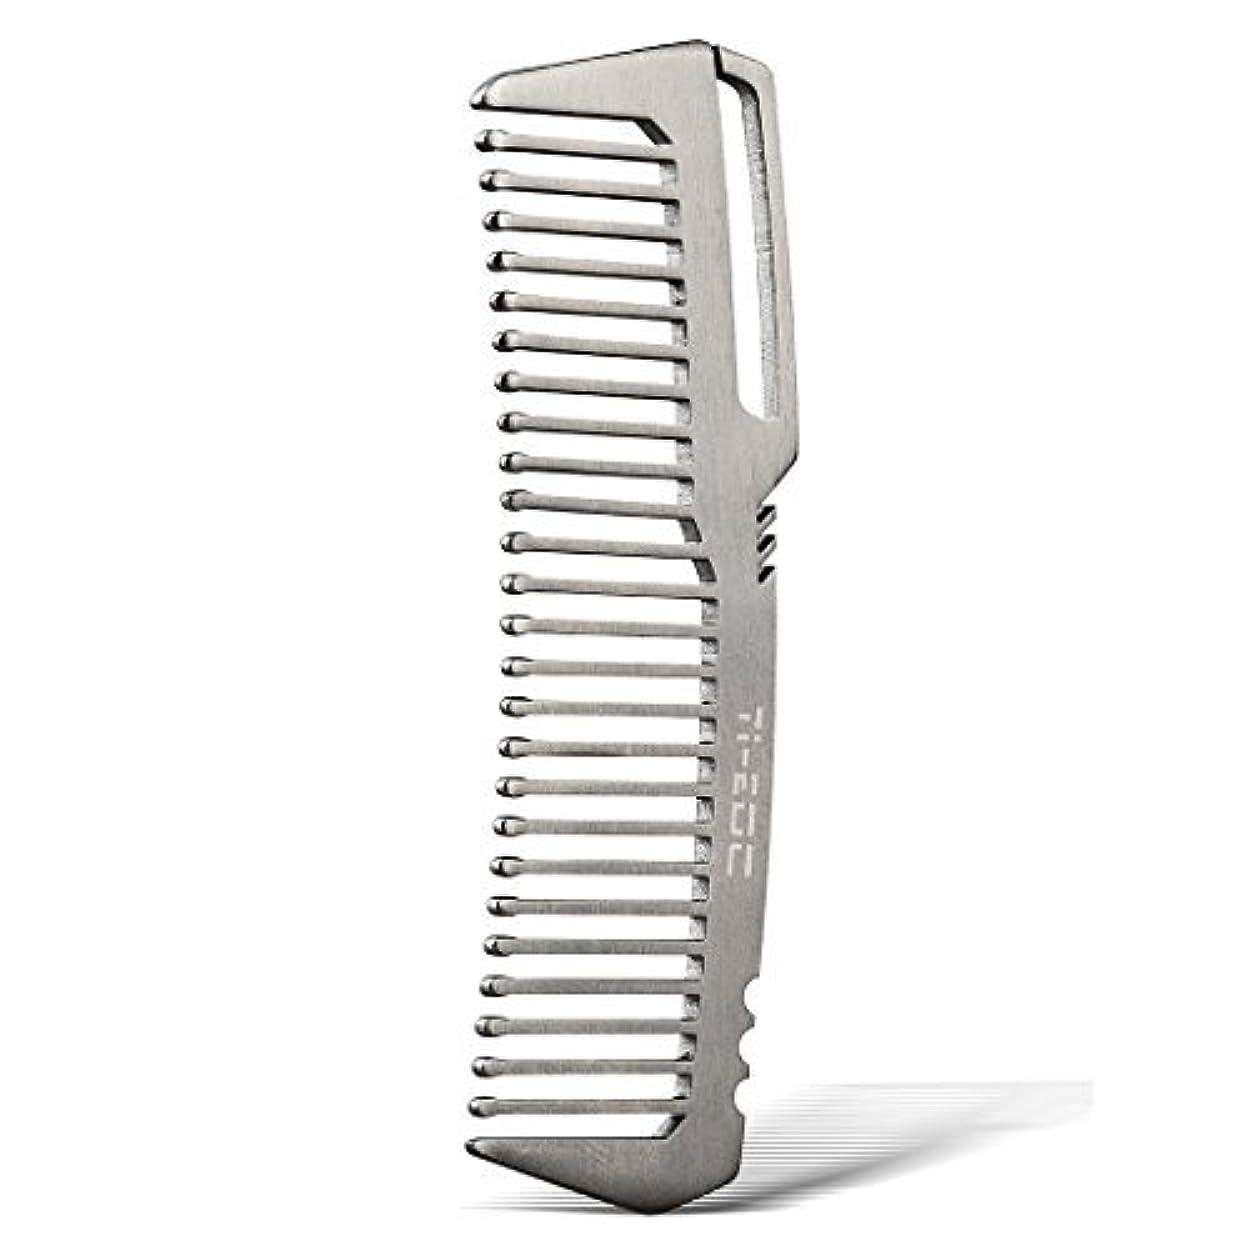 めまいが志す剥ぎ取るTI-EDC Titanium Hair Beared Comb Handmade Premium Eco-friendly Durable Pocket Wallet Comb [並行輸入品]